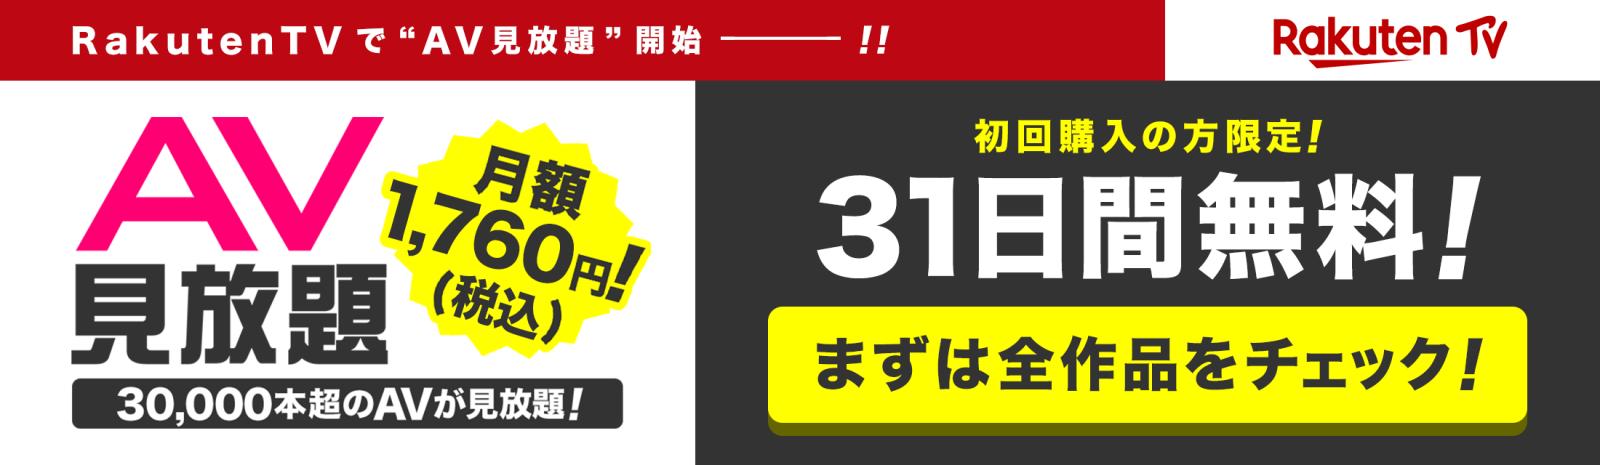 RakutenTV 20,000本超 AV見放題